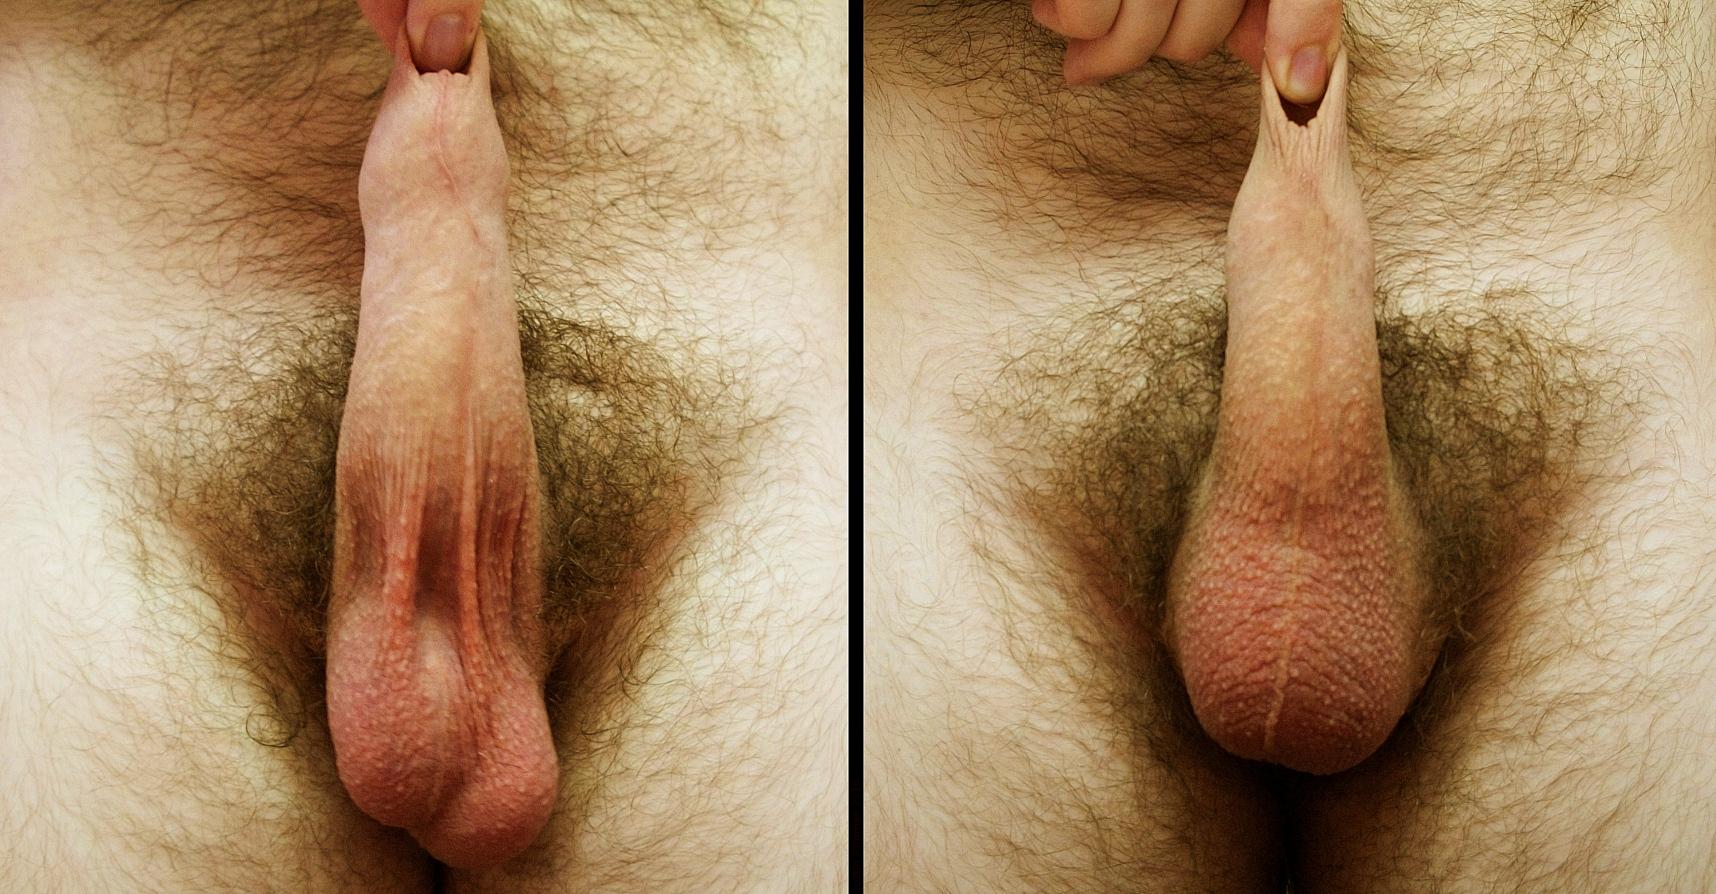 Член и яйца, 11 вещей, которые ты хотела знать о мужских яичках 5 фотография